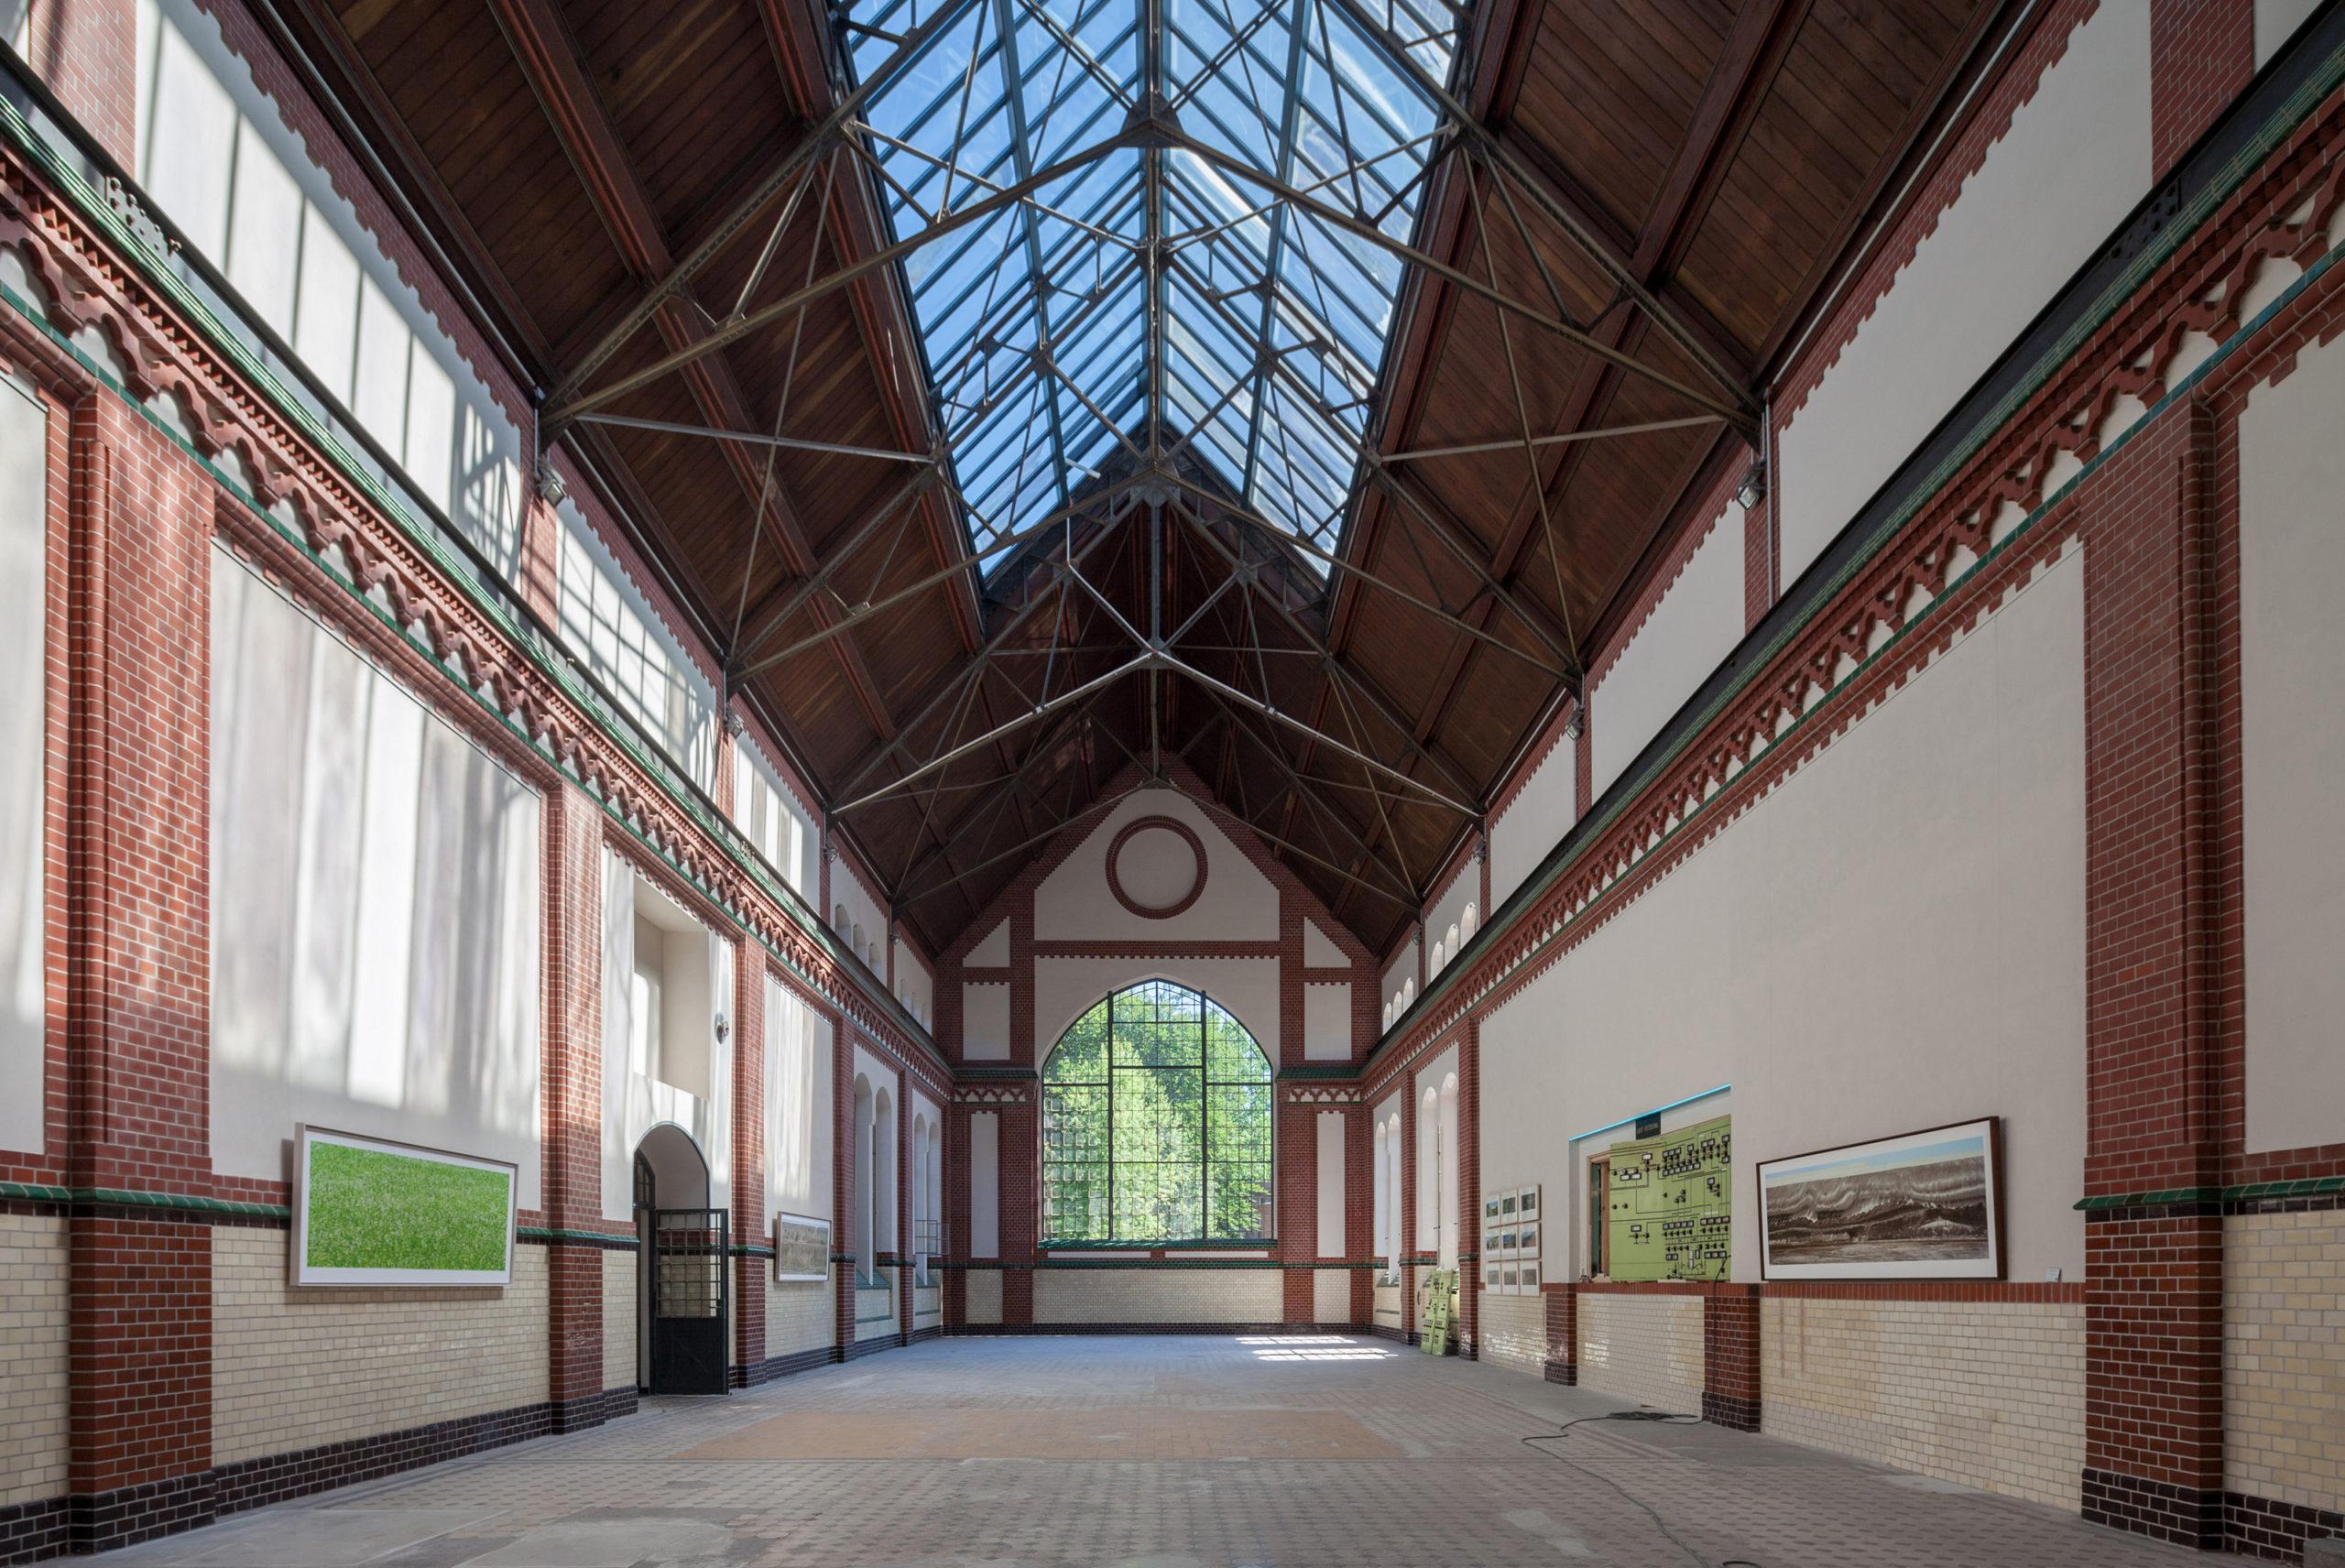 Ausstellung Markus Bollen über Braunkohletagebau im E-Werk in Cottbus